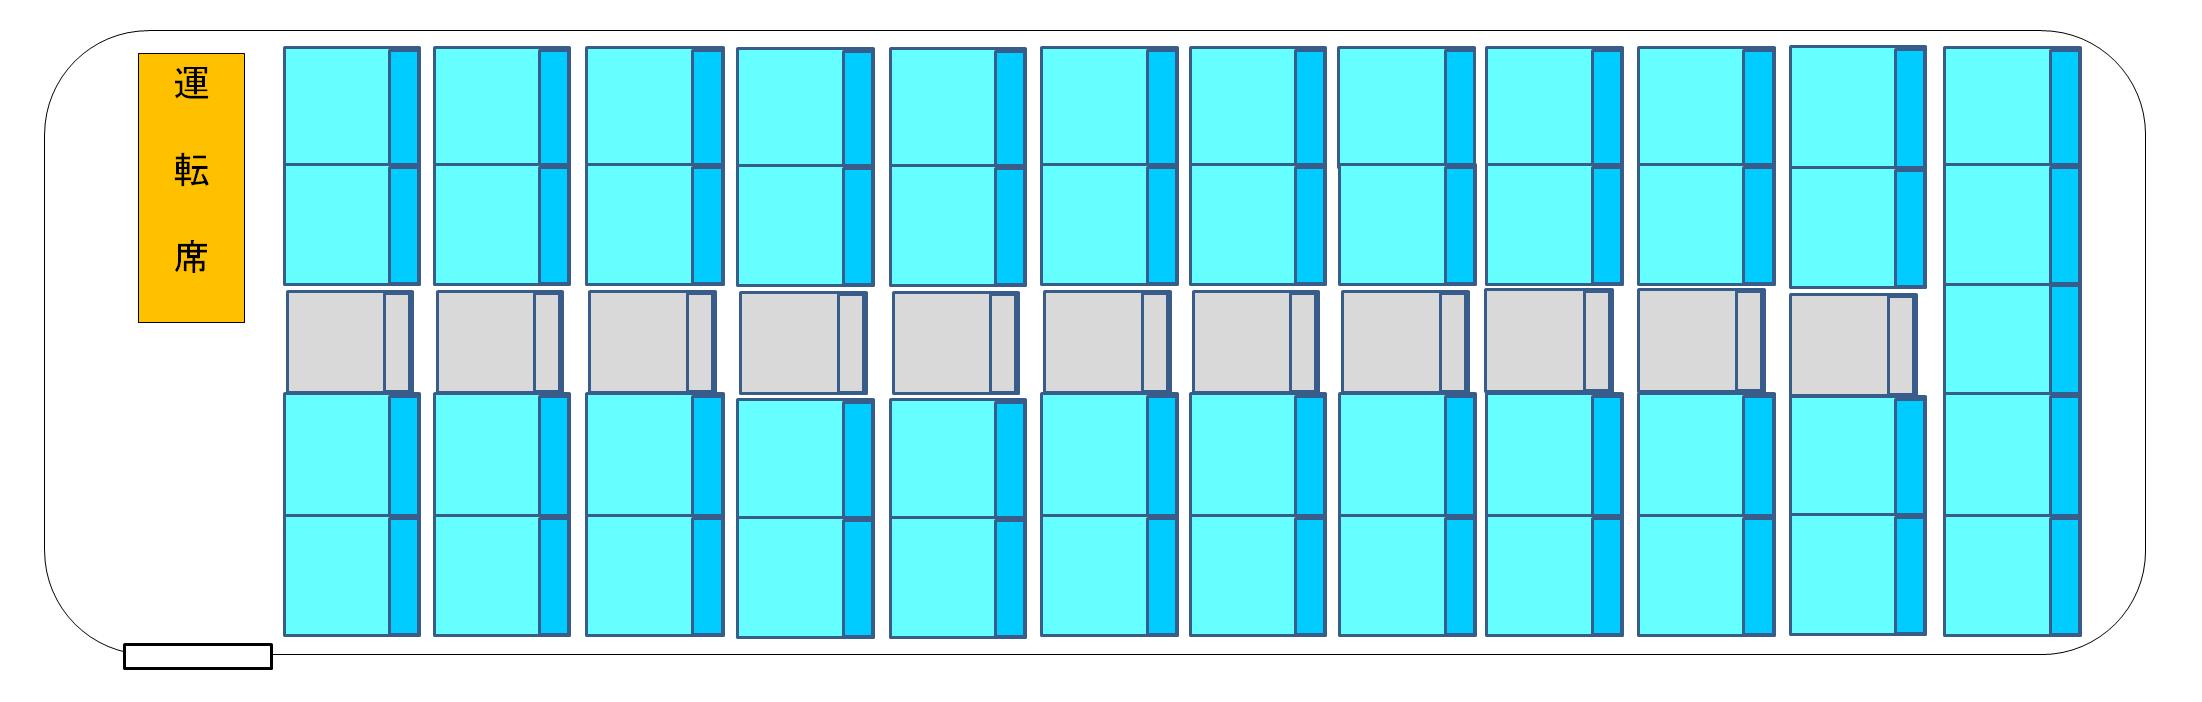 large_sheet04.png